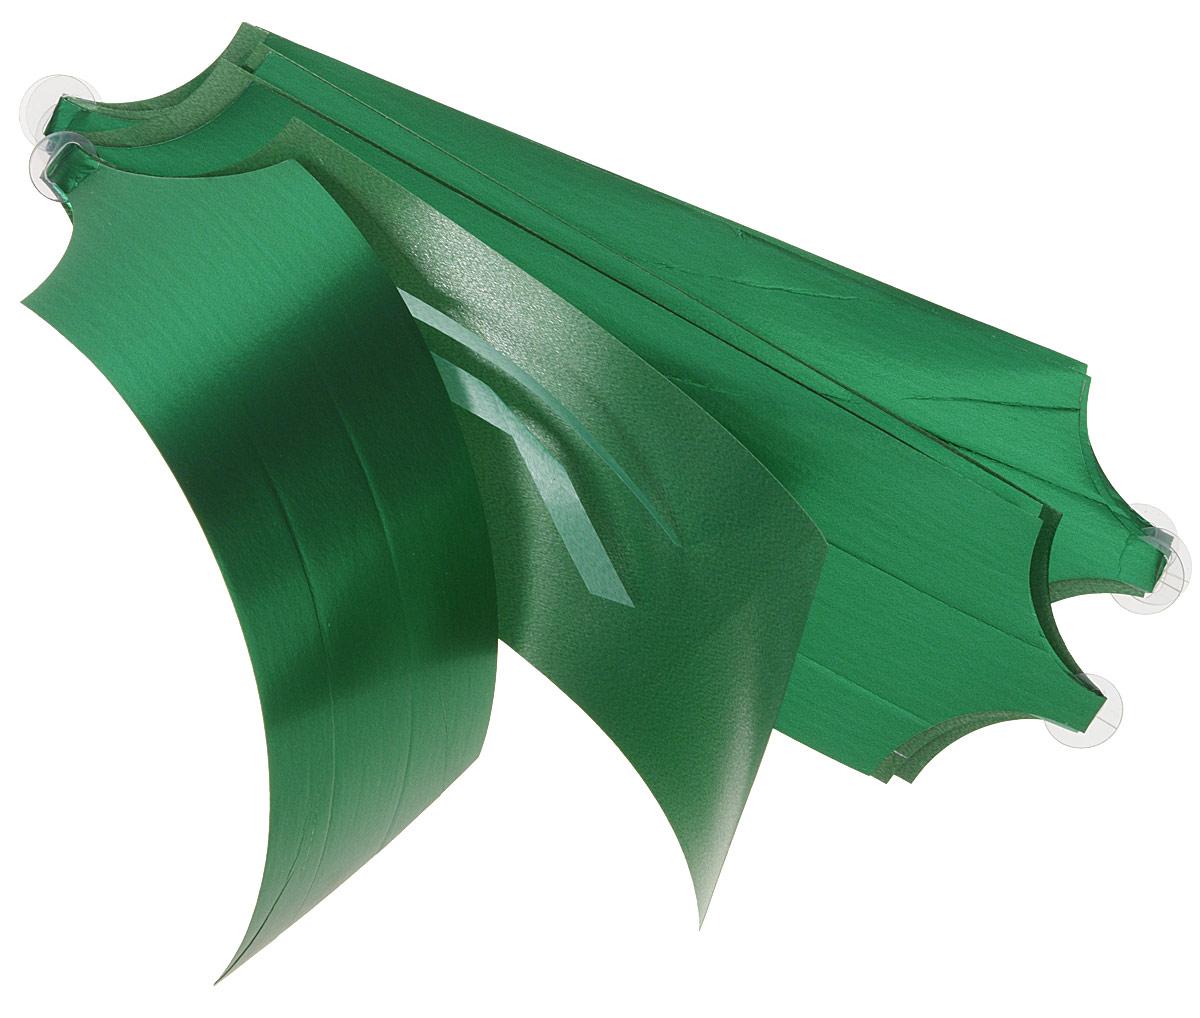 Бант упаковочный Veld-Co Шар, цвет: зеленый, 5 х 148 см, 10 шт скейтборд пластиковый action цвет зеленый дека 55 см х 15 см